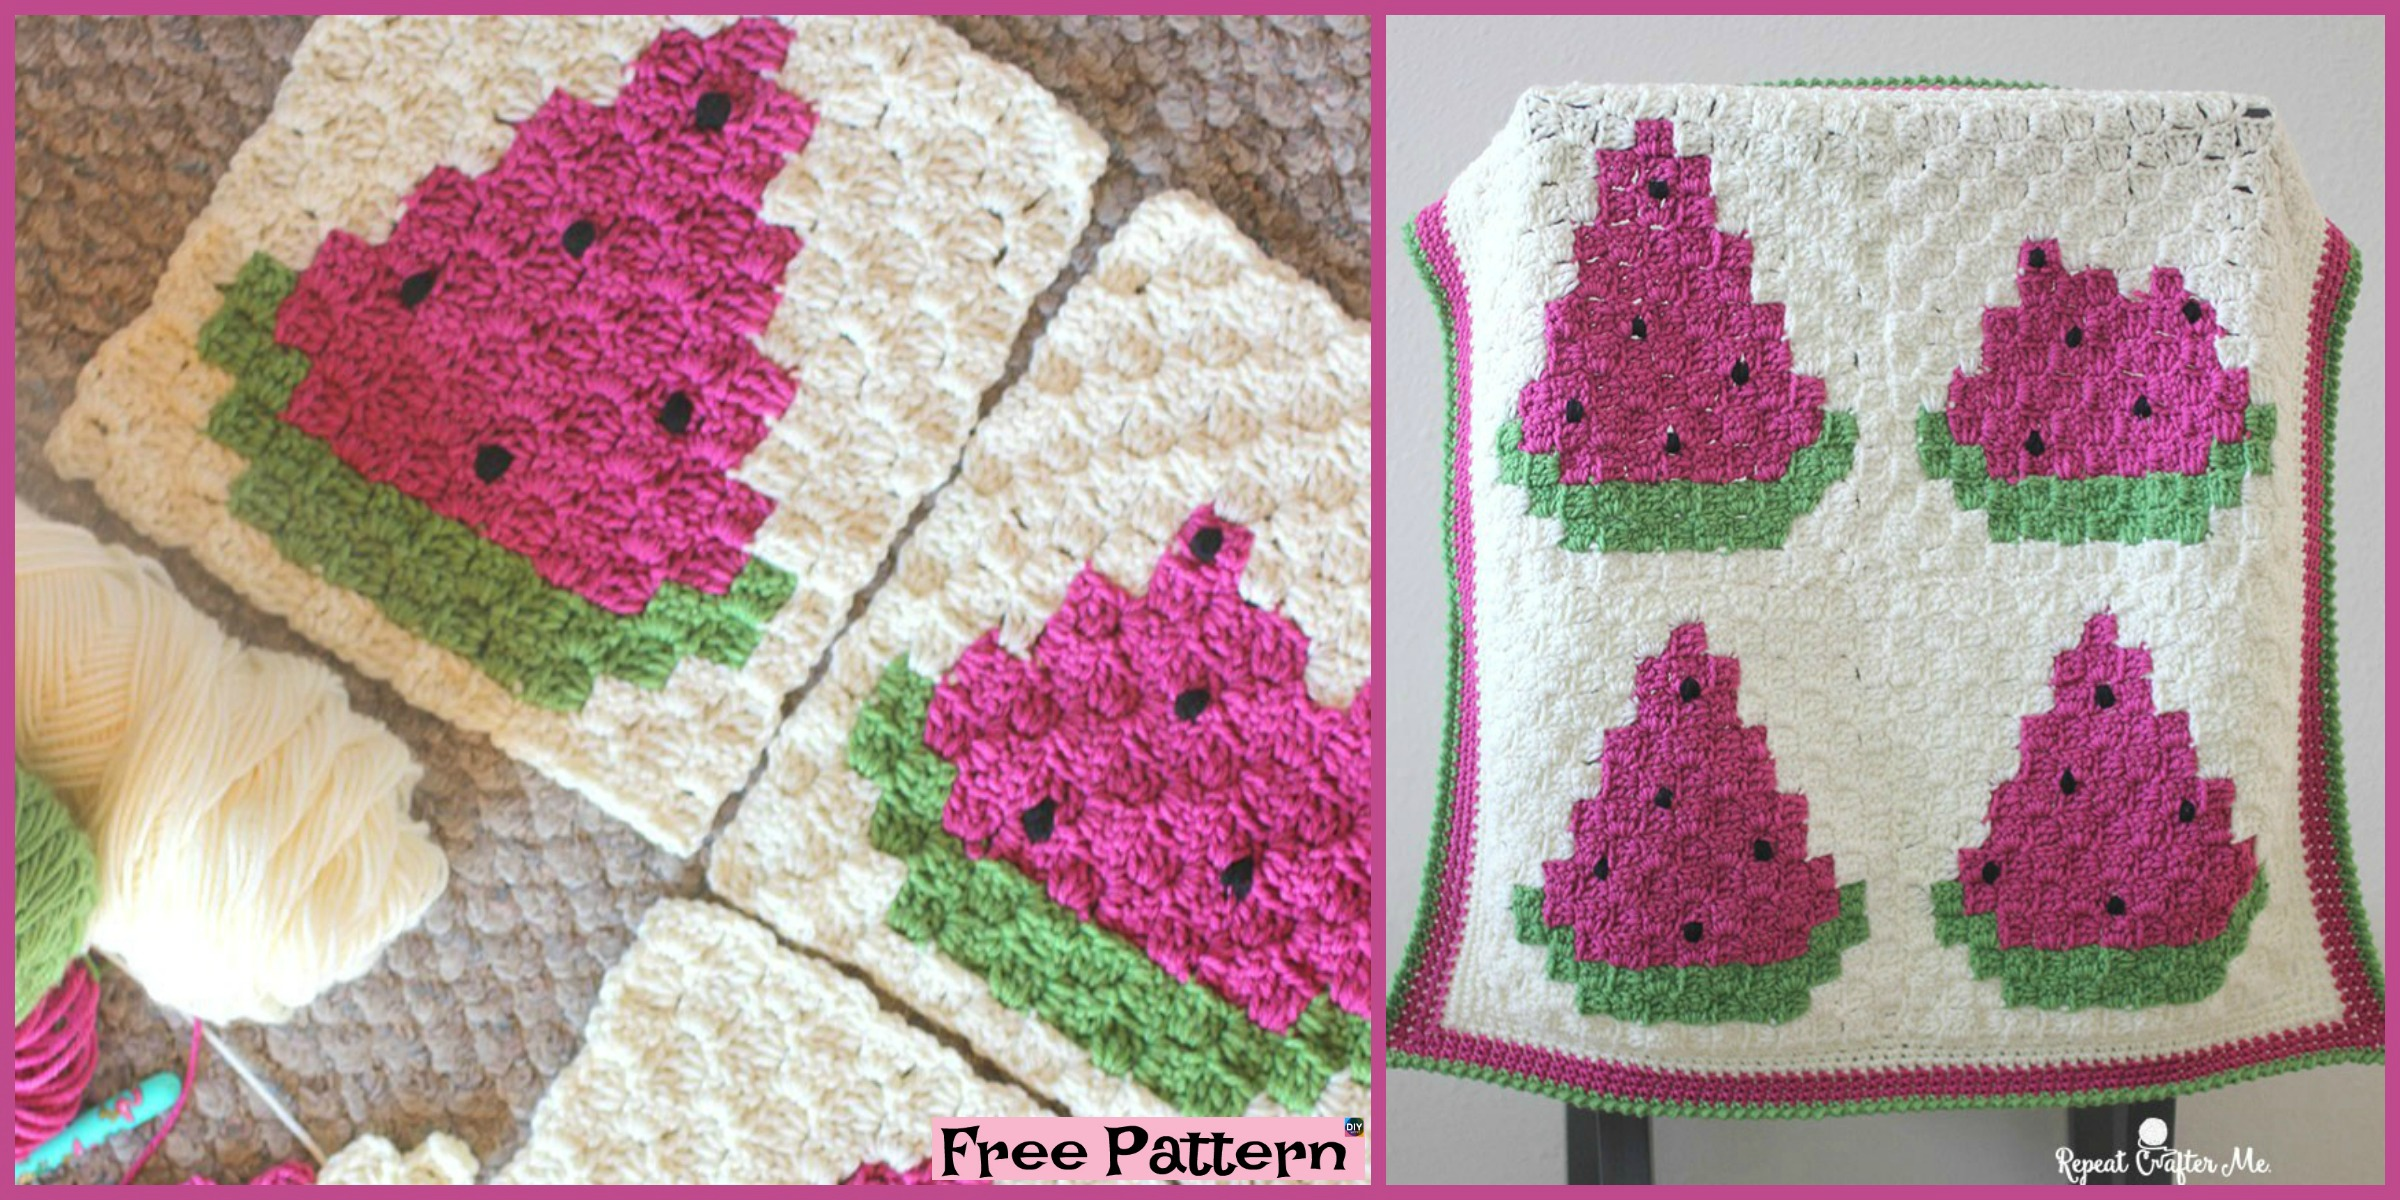 Crochet Watermelon Blanket – Free Pattern